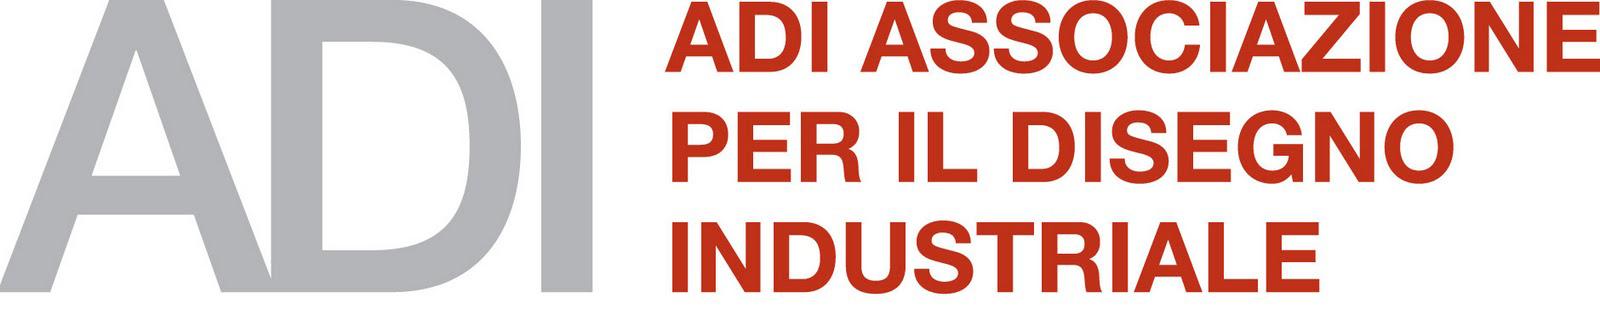 ADI - Associazione per il disegno industriale